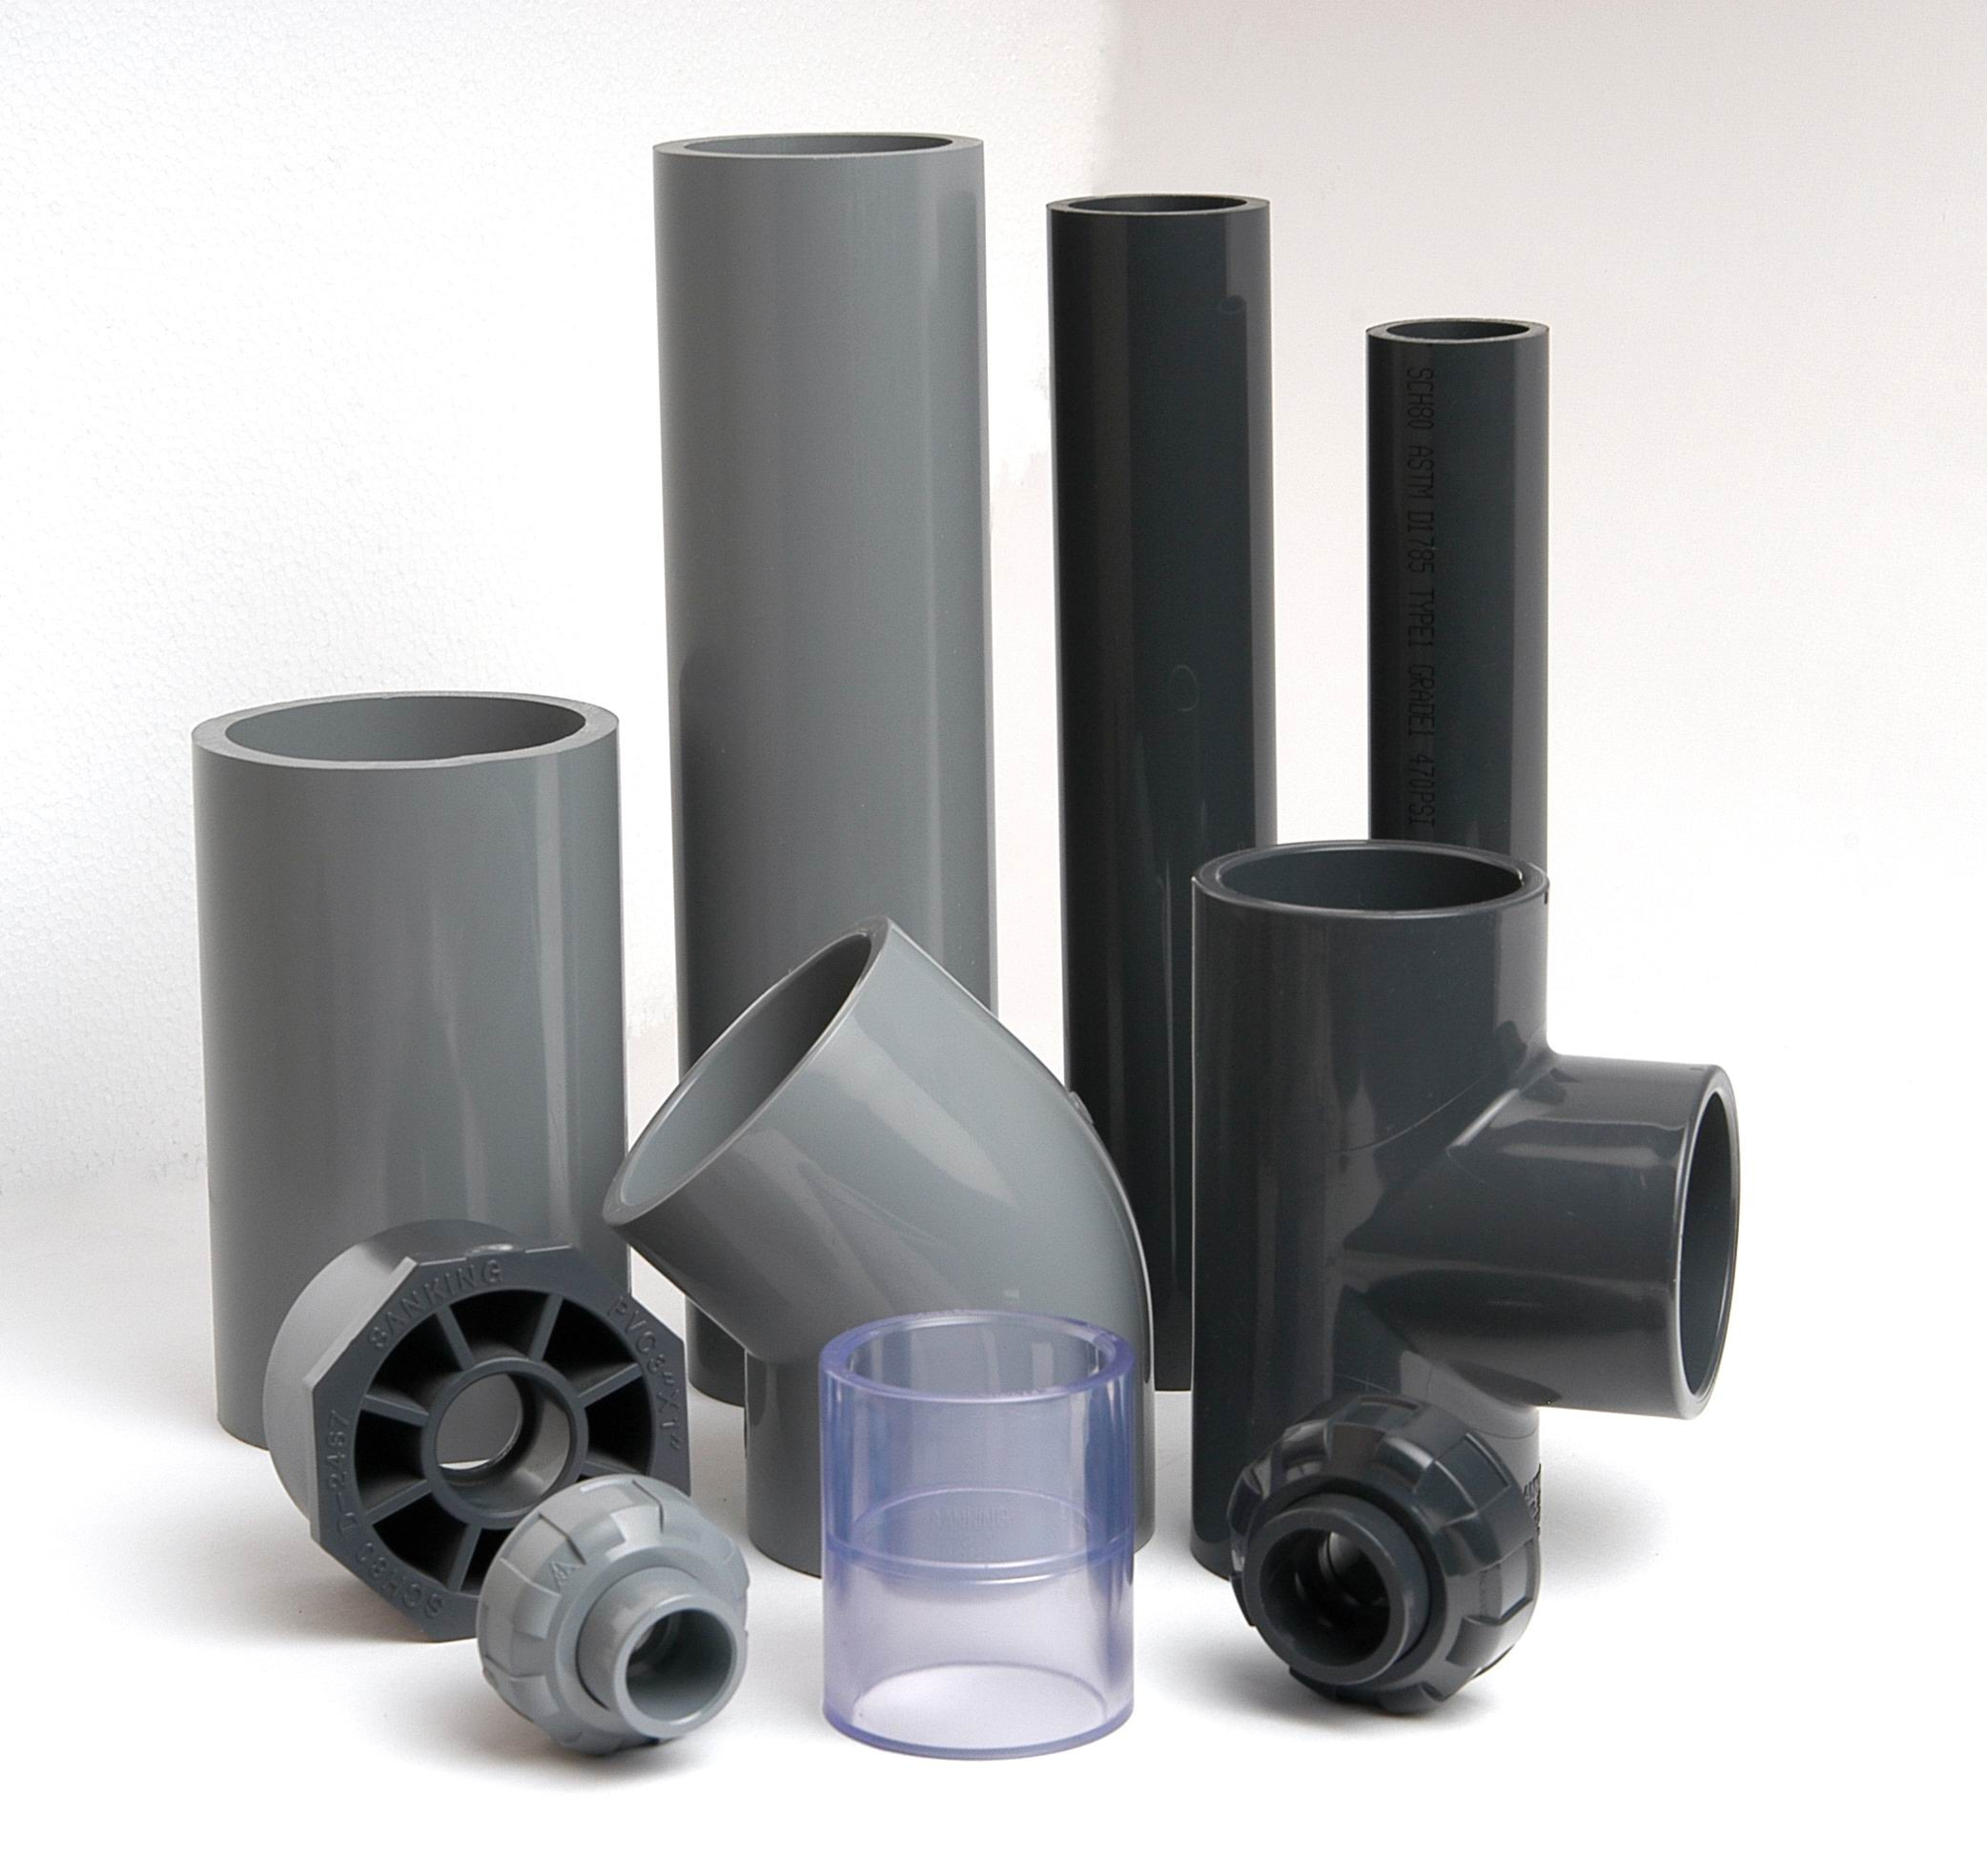 国家饮用水卫生标准_产品 - [塑胶配件,塑胶制品] - 全球塑胶网